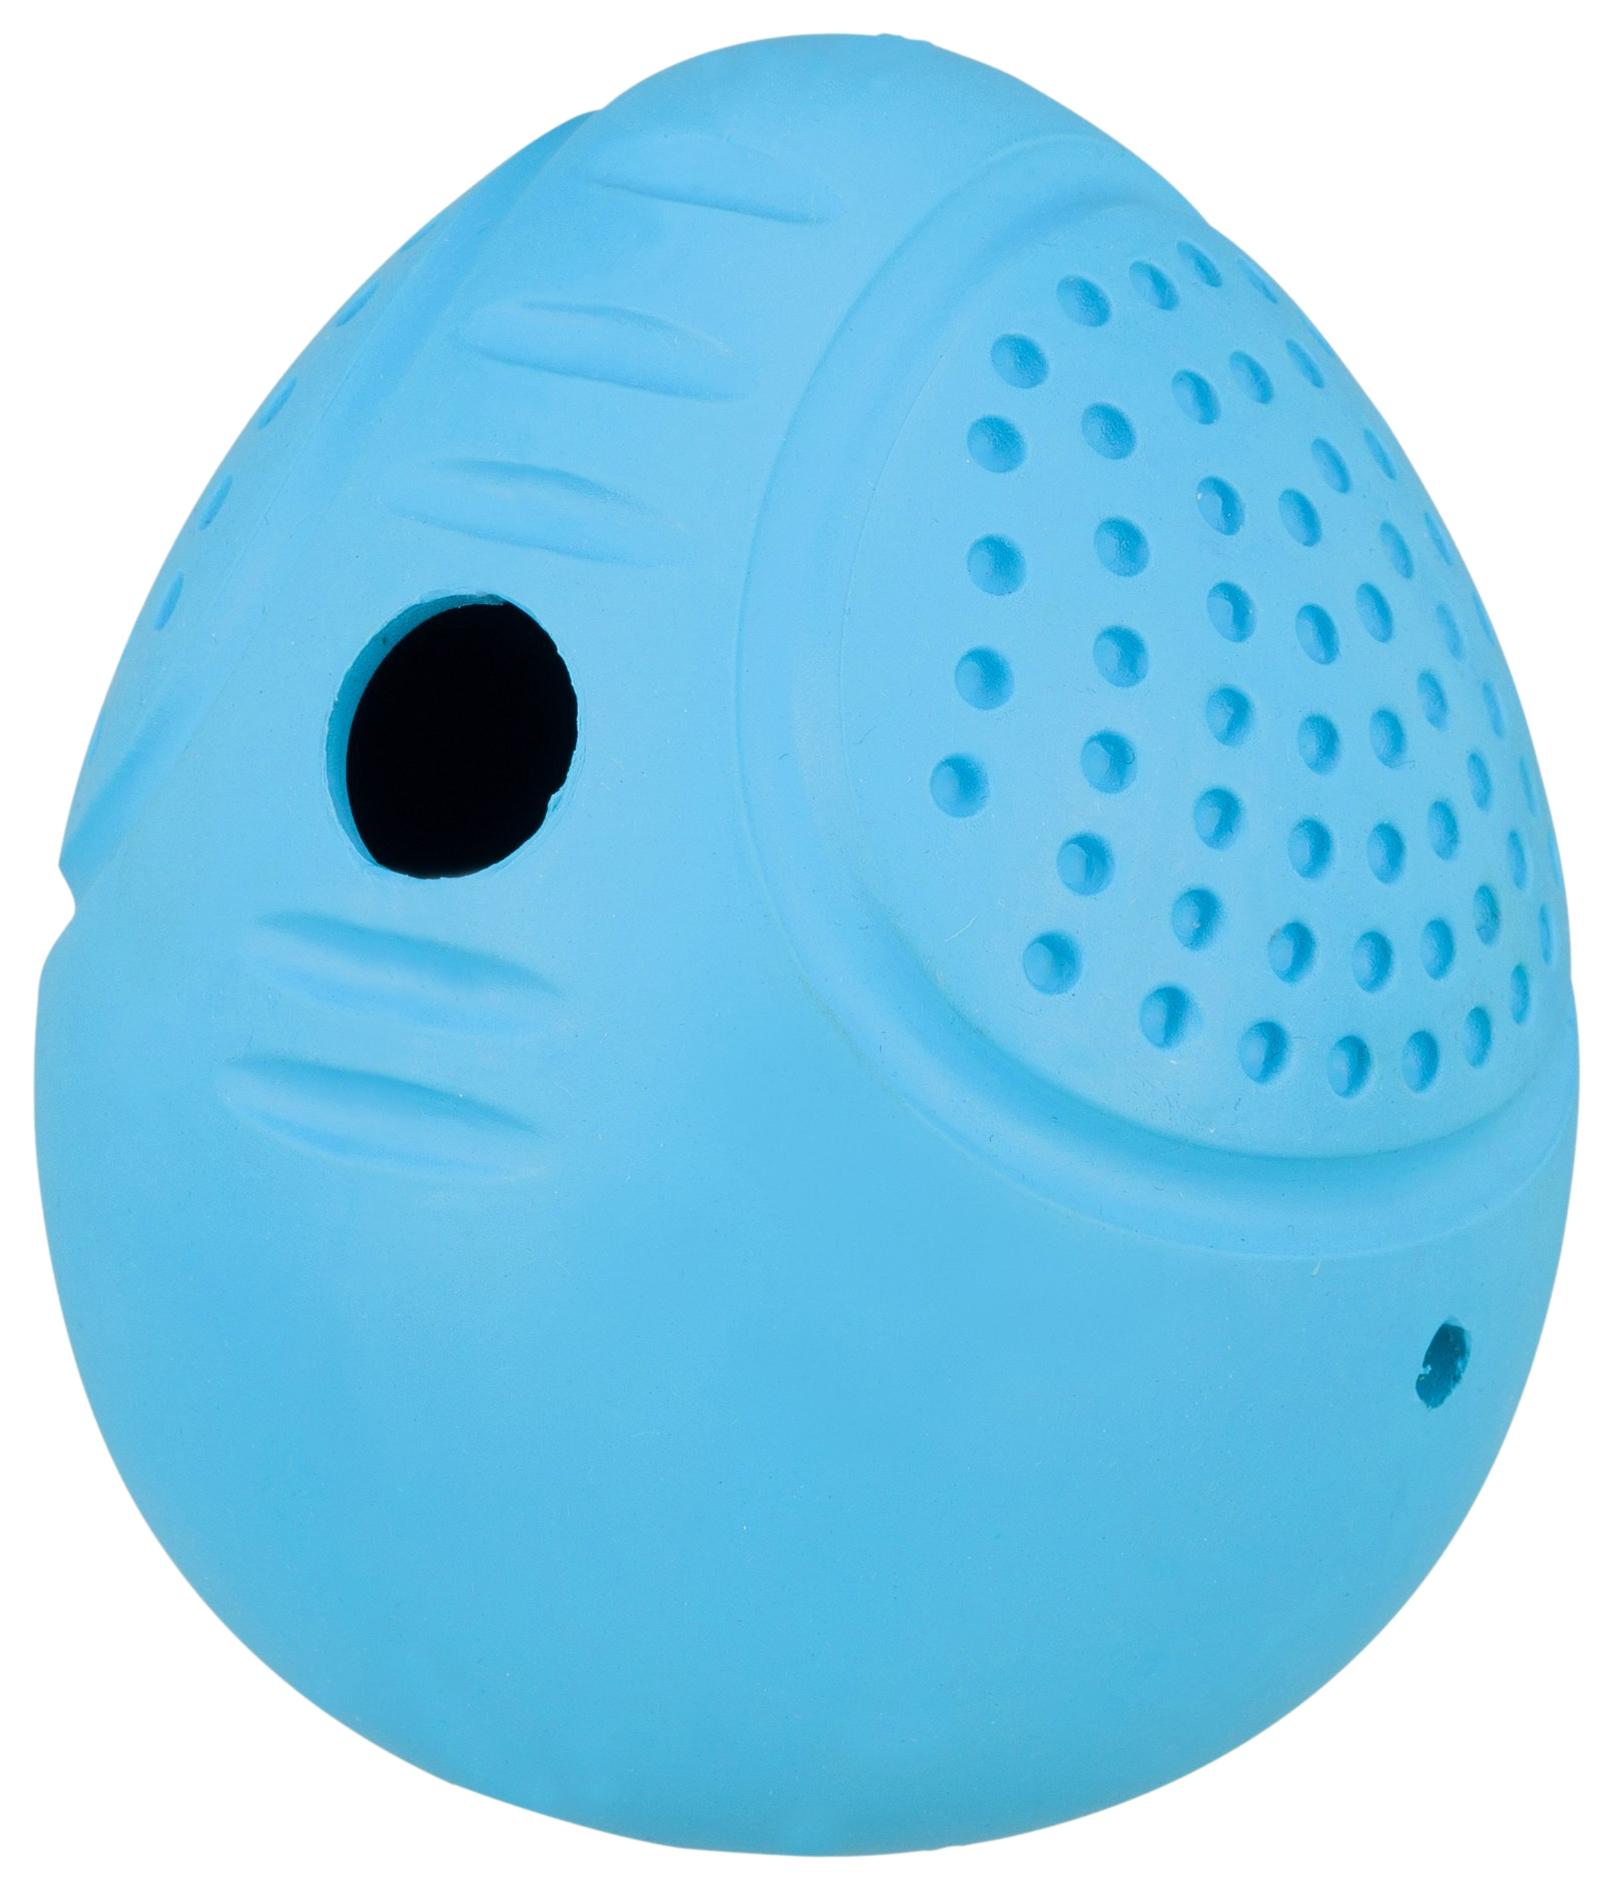 Игрушка для собаки Trixie Roly Poly 34947 в ассортименте